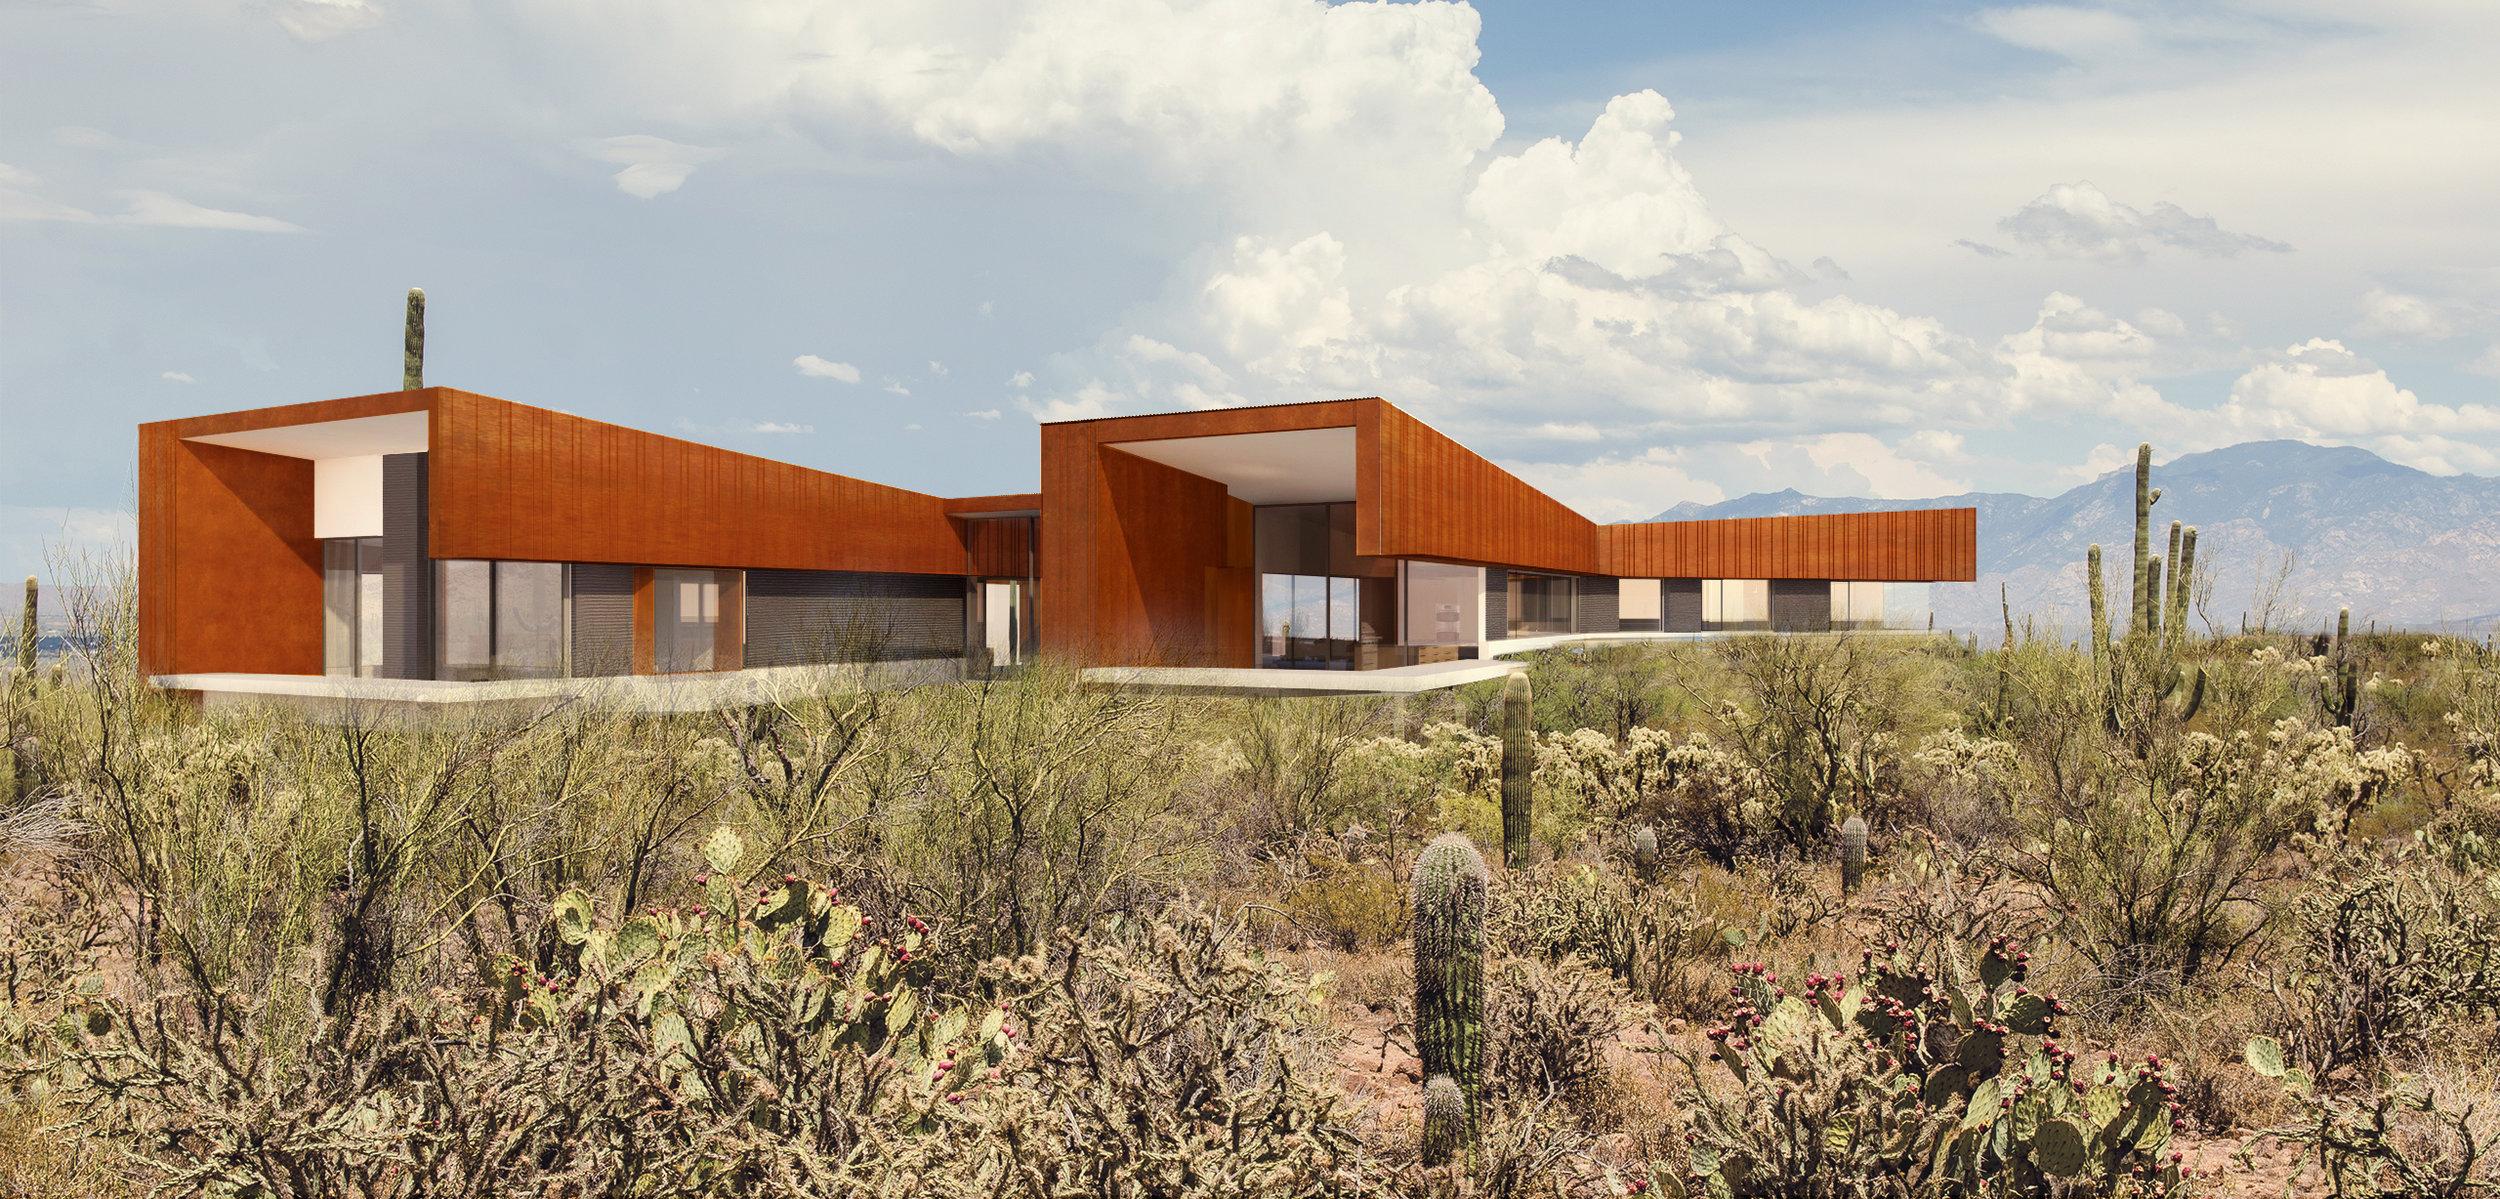 TS Falls West Residence: Tucson, Arizona